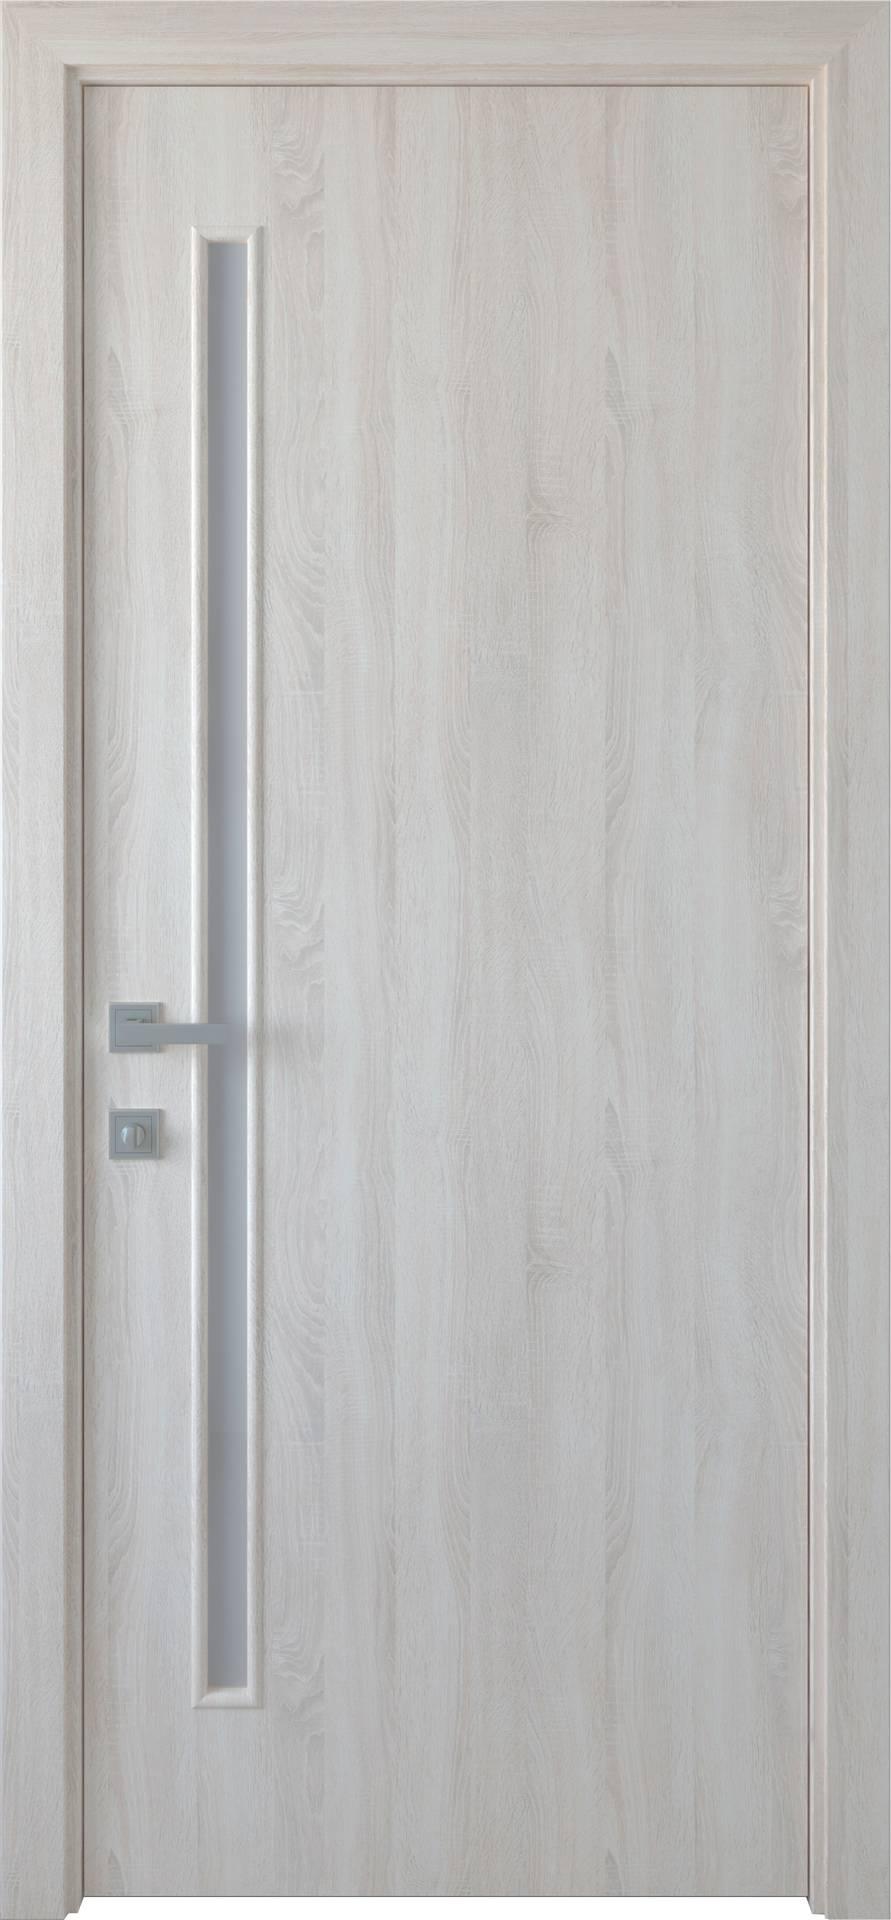 Межкомнатные двери Глория со стеклом сатин